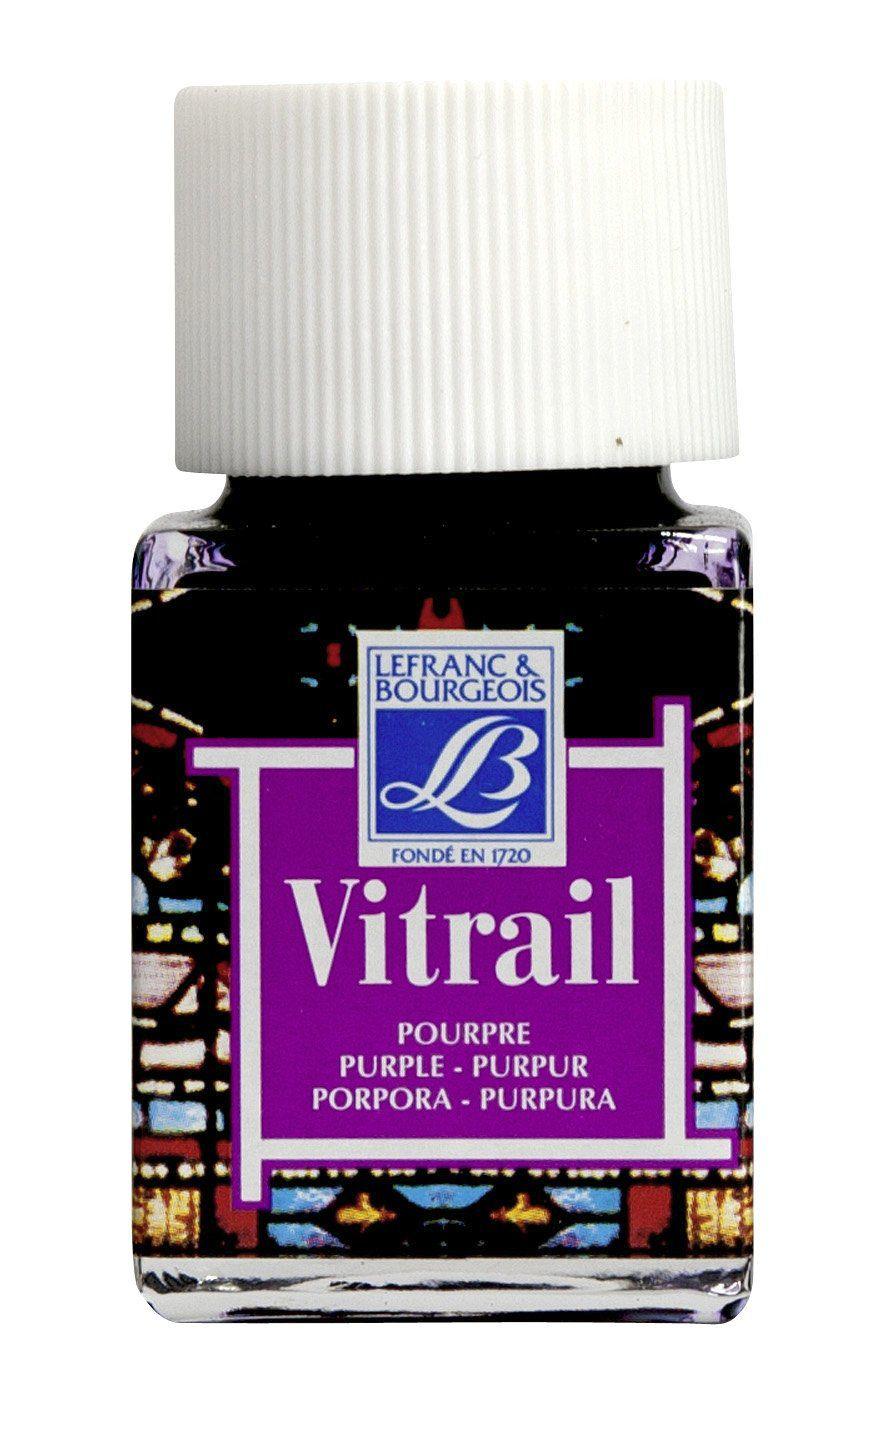 VITRAIL POURPRE 50ml